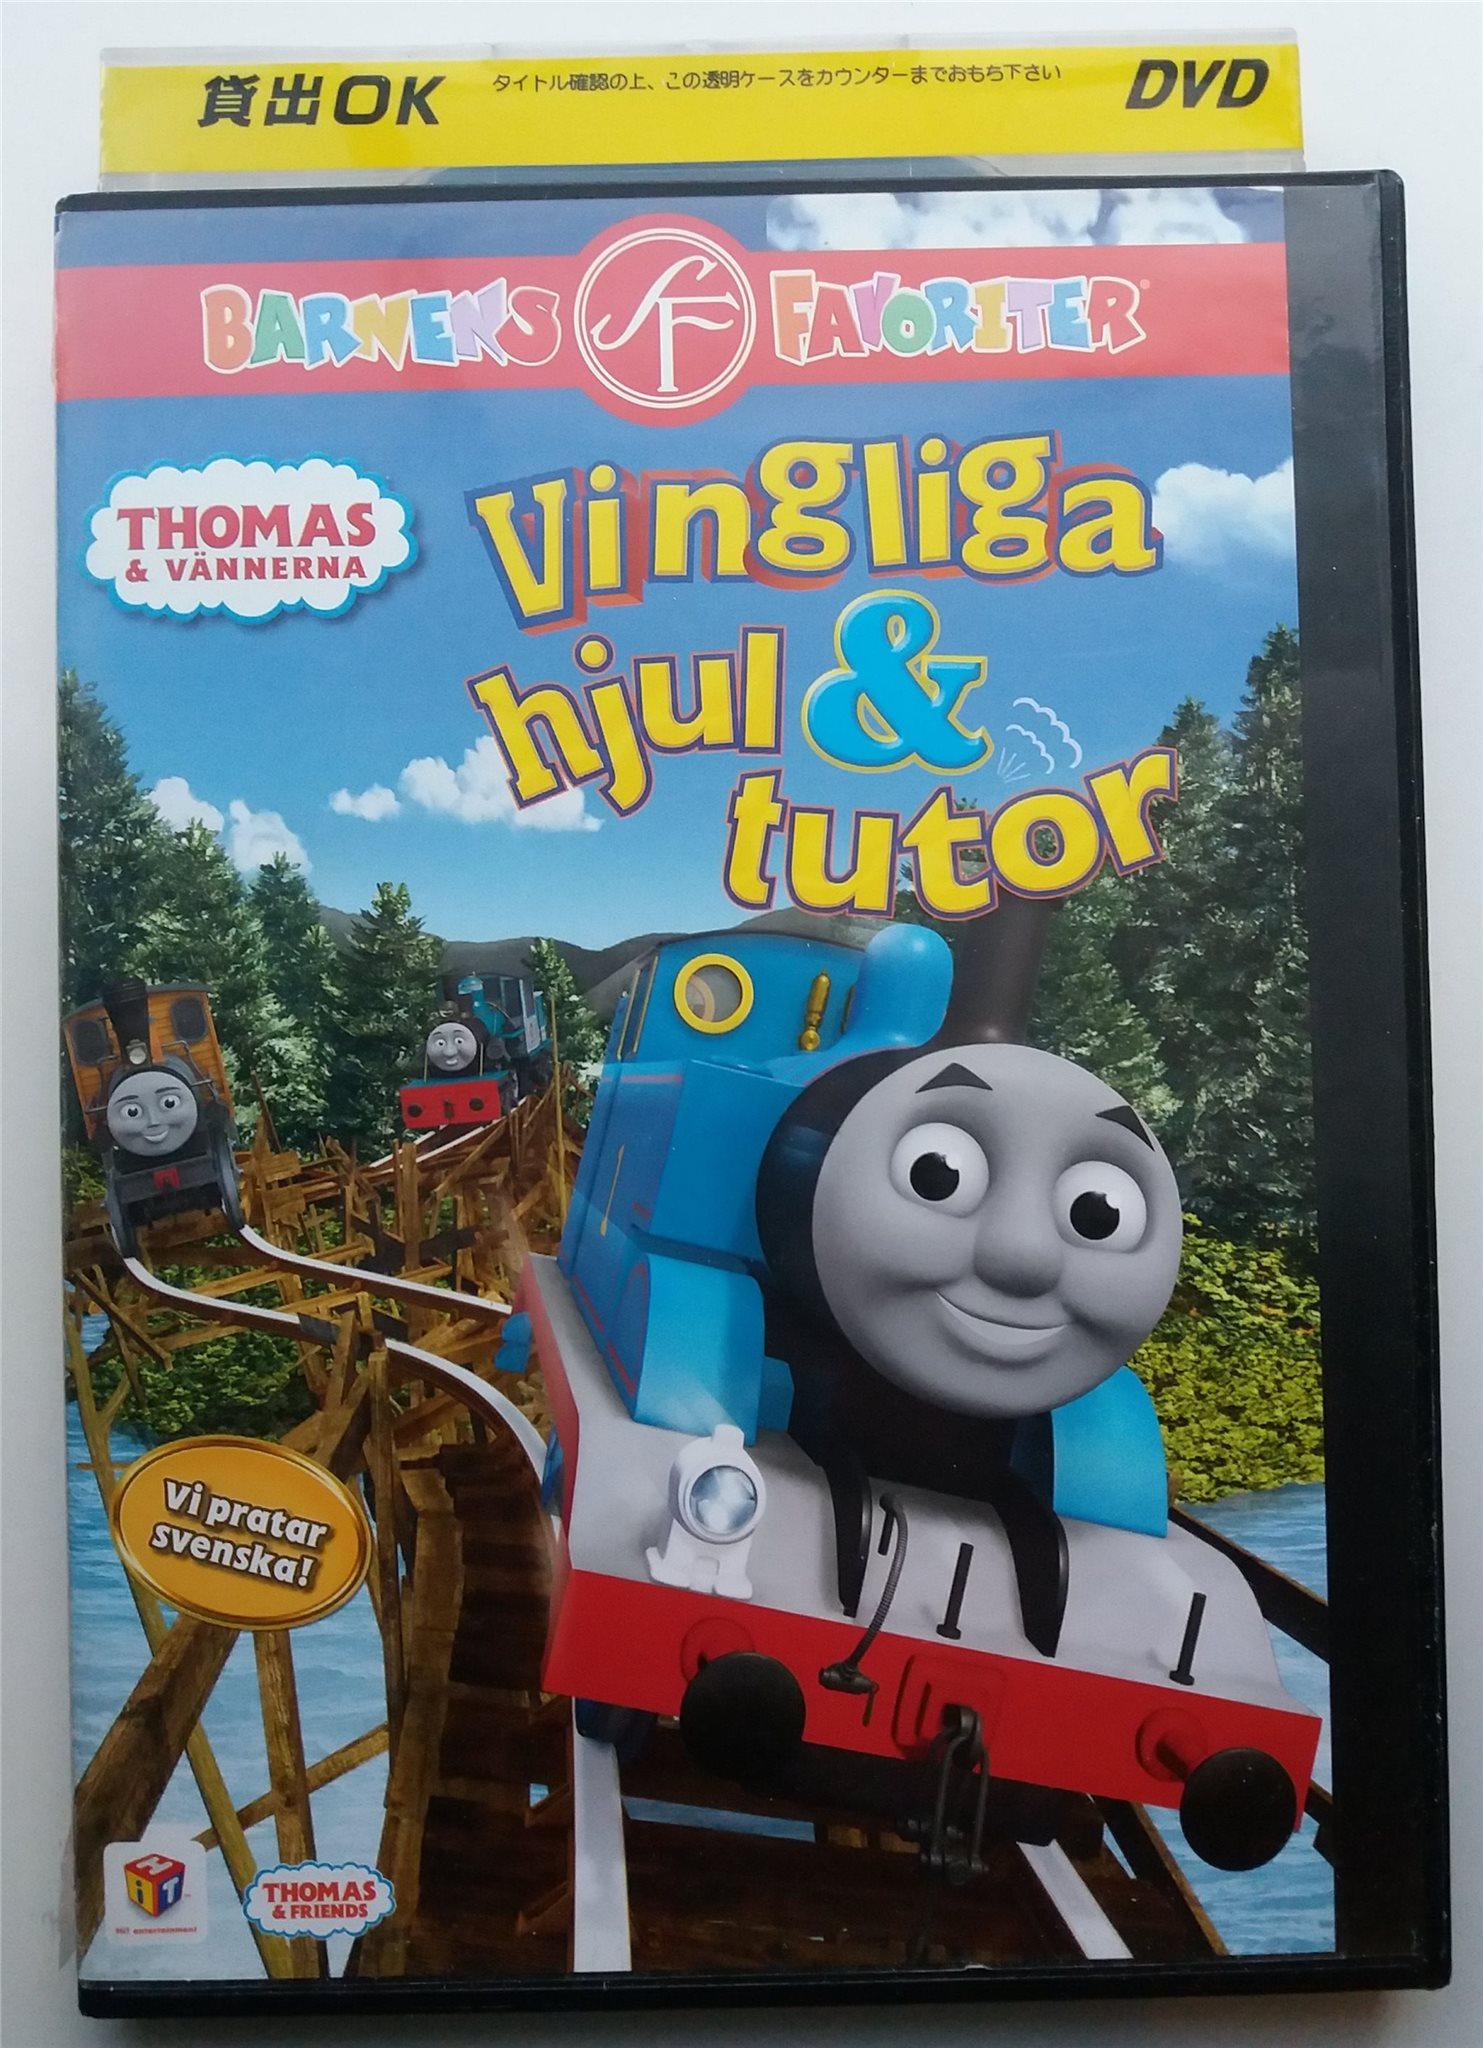 Thomas Tåget   (och) Vännerna - Vingliga Hjul  .. (329473650) ᐈ Köp ... 85a33f380503e